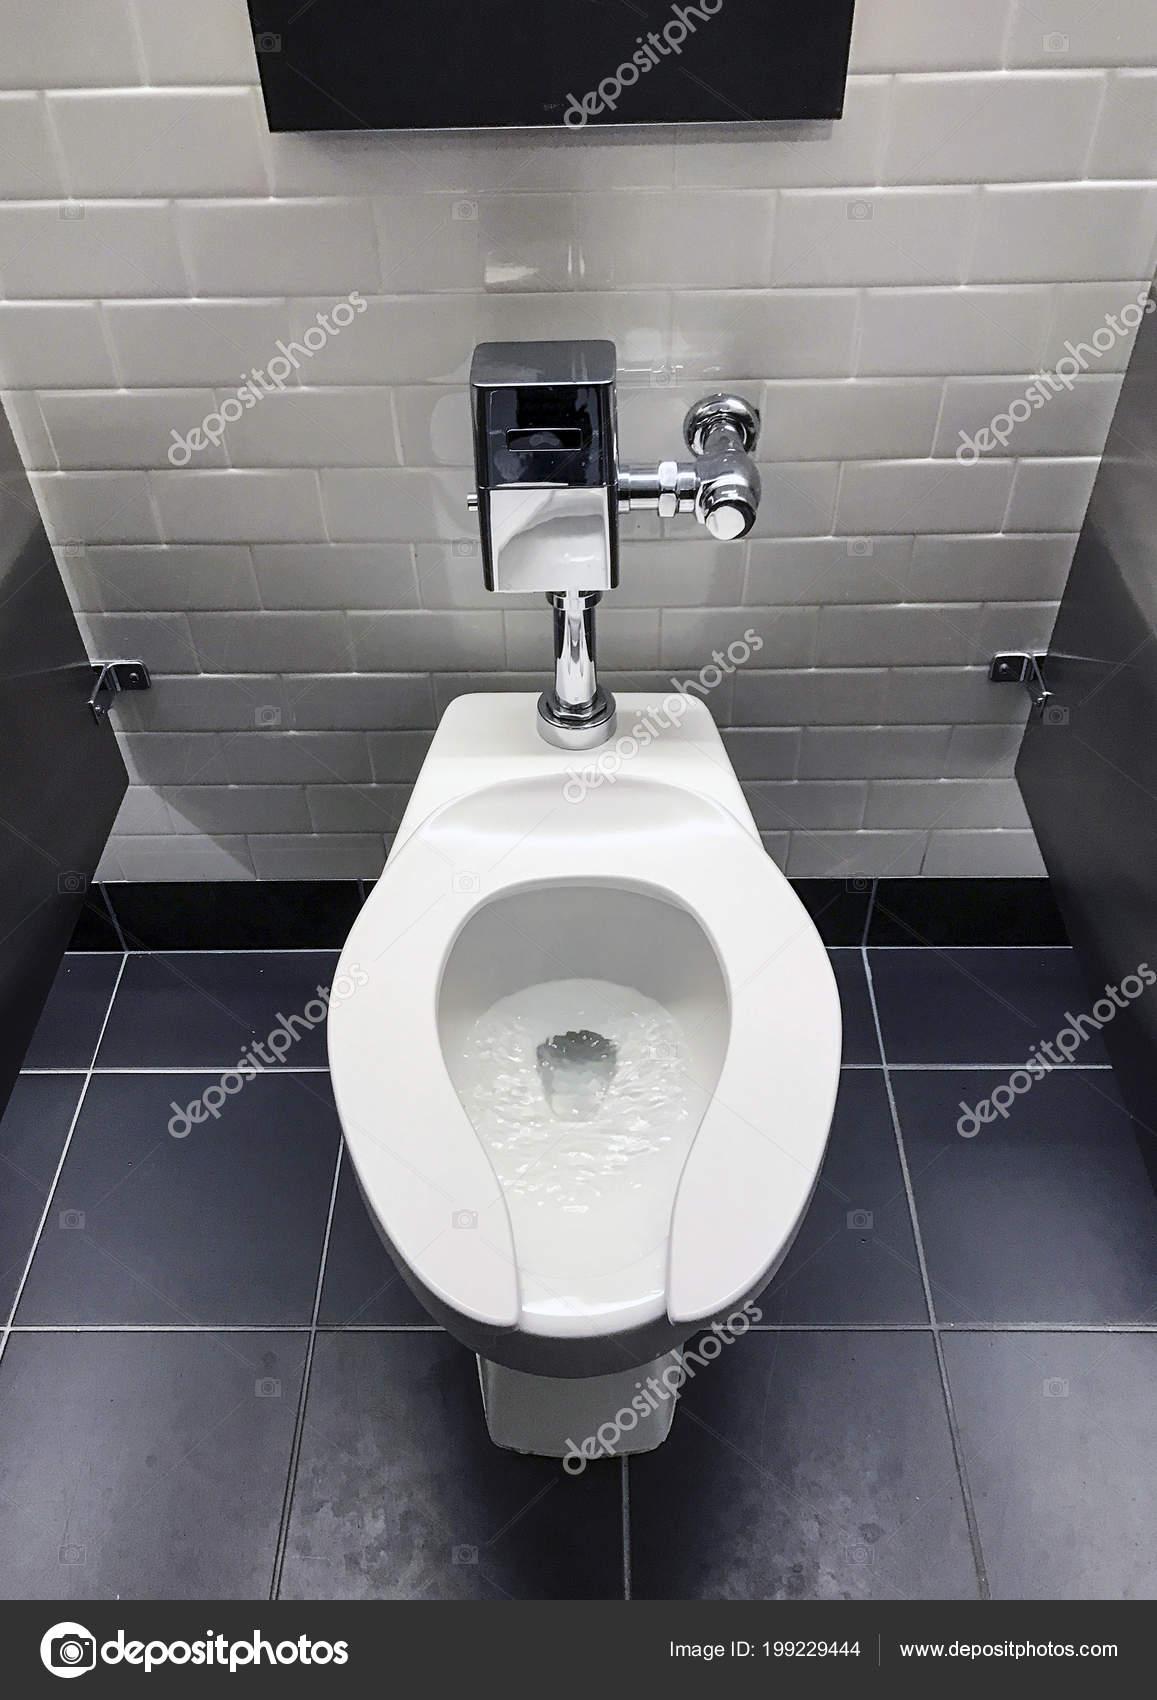 Toilette Einem Büro Badezimmer Fliese Bahn Wand Und Metall Schrank U2014  Stockfoto